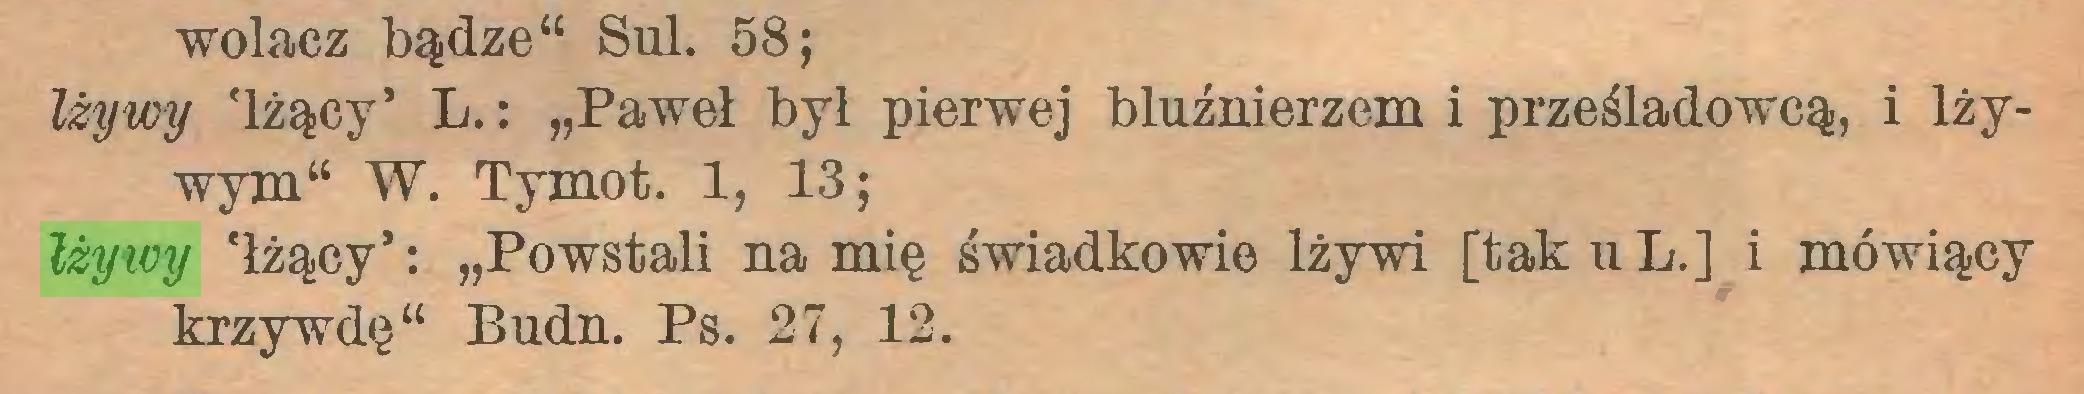 """(...) wolacz bądze44 Sul. 58; lżywy 'lżący' L.: """"Paweł był pierwej bluźnierzem i prześladowcą, i lżywym44 W. Tymot. 1, 13; lżywy 'łżący': """"Powstali na mię świadkowie lżywi [takuL.] i mówiący krzywdę44 Budn. Ps. 27, 12..."""